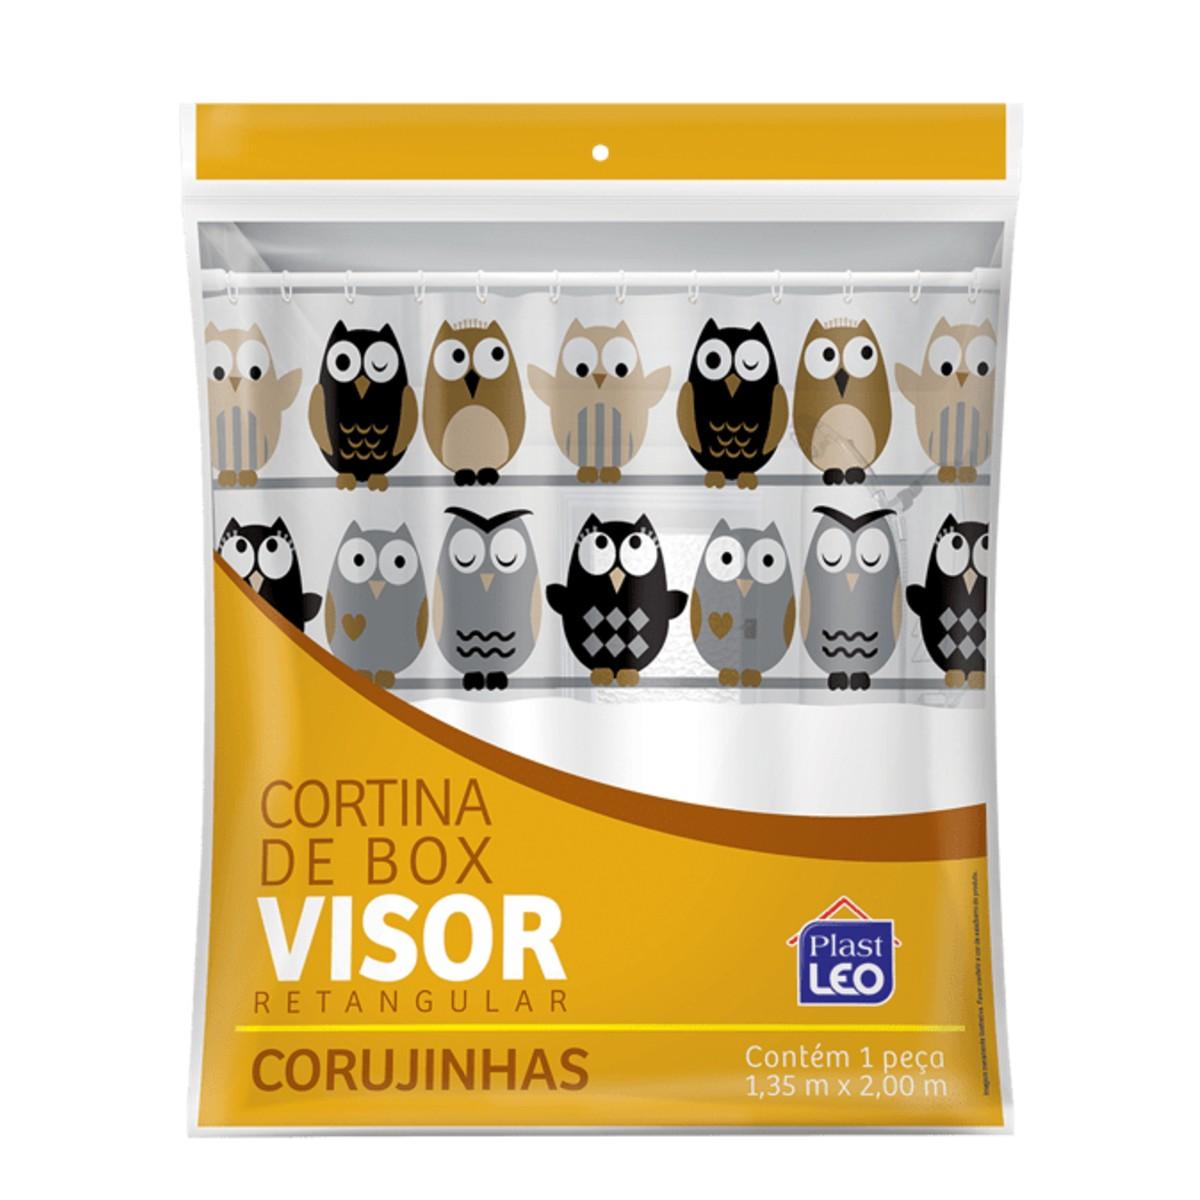 Cortina de Box Vinil Corujinhas com Visor Retangular e Ganchos Plast Léo